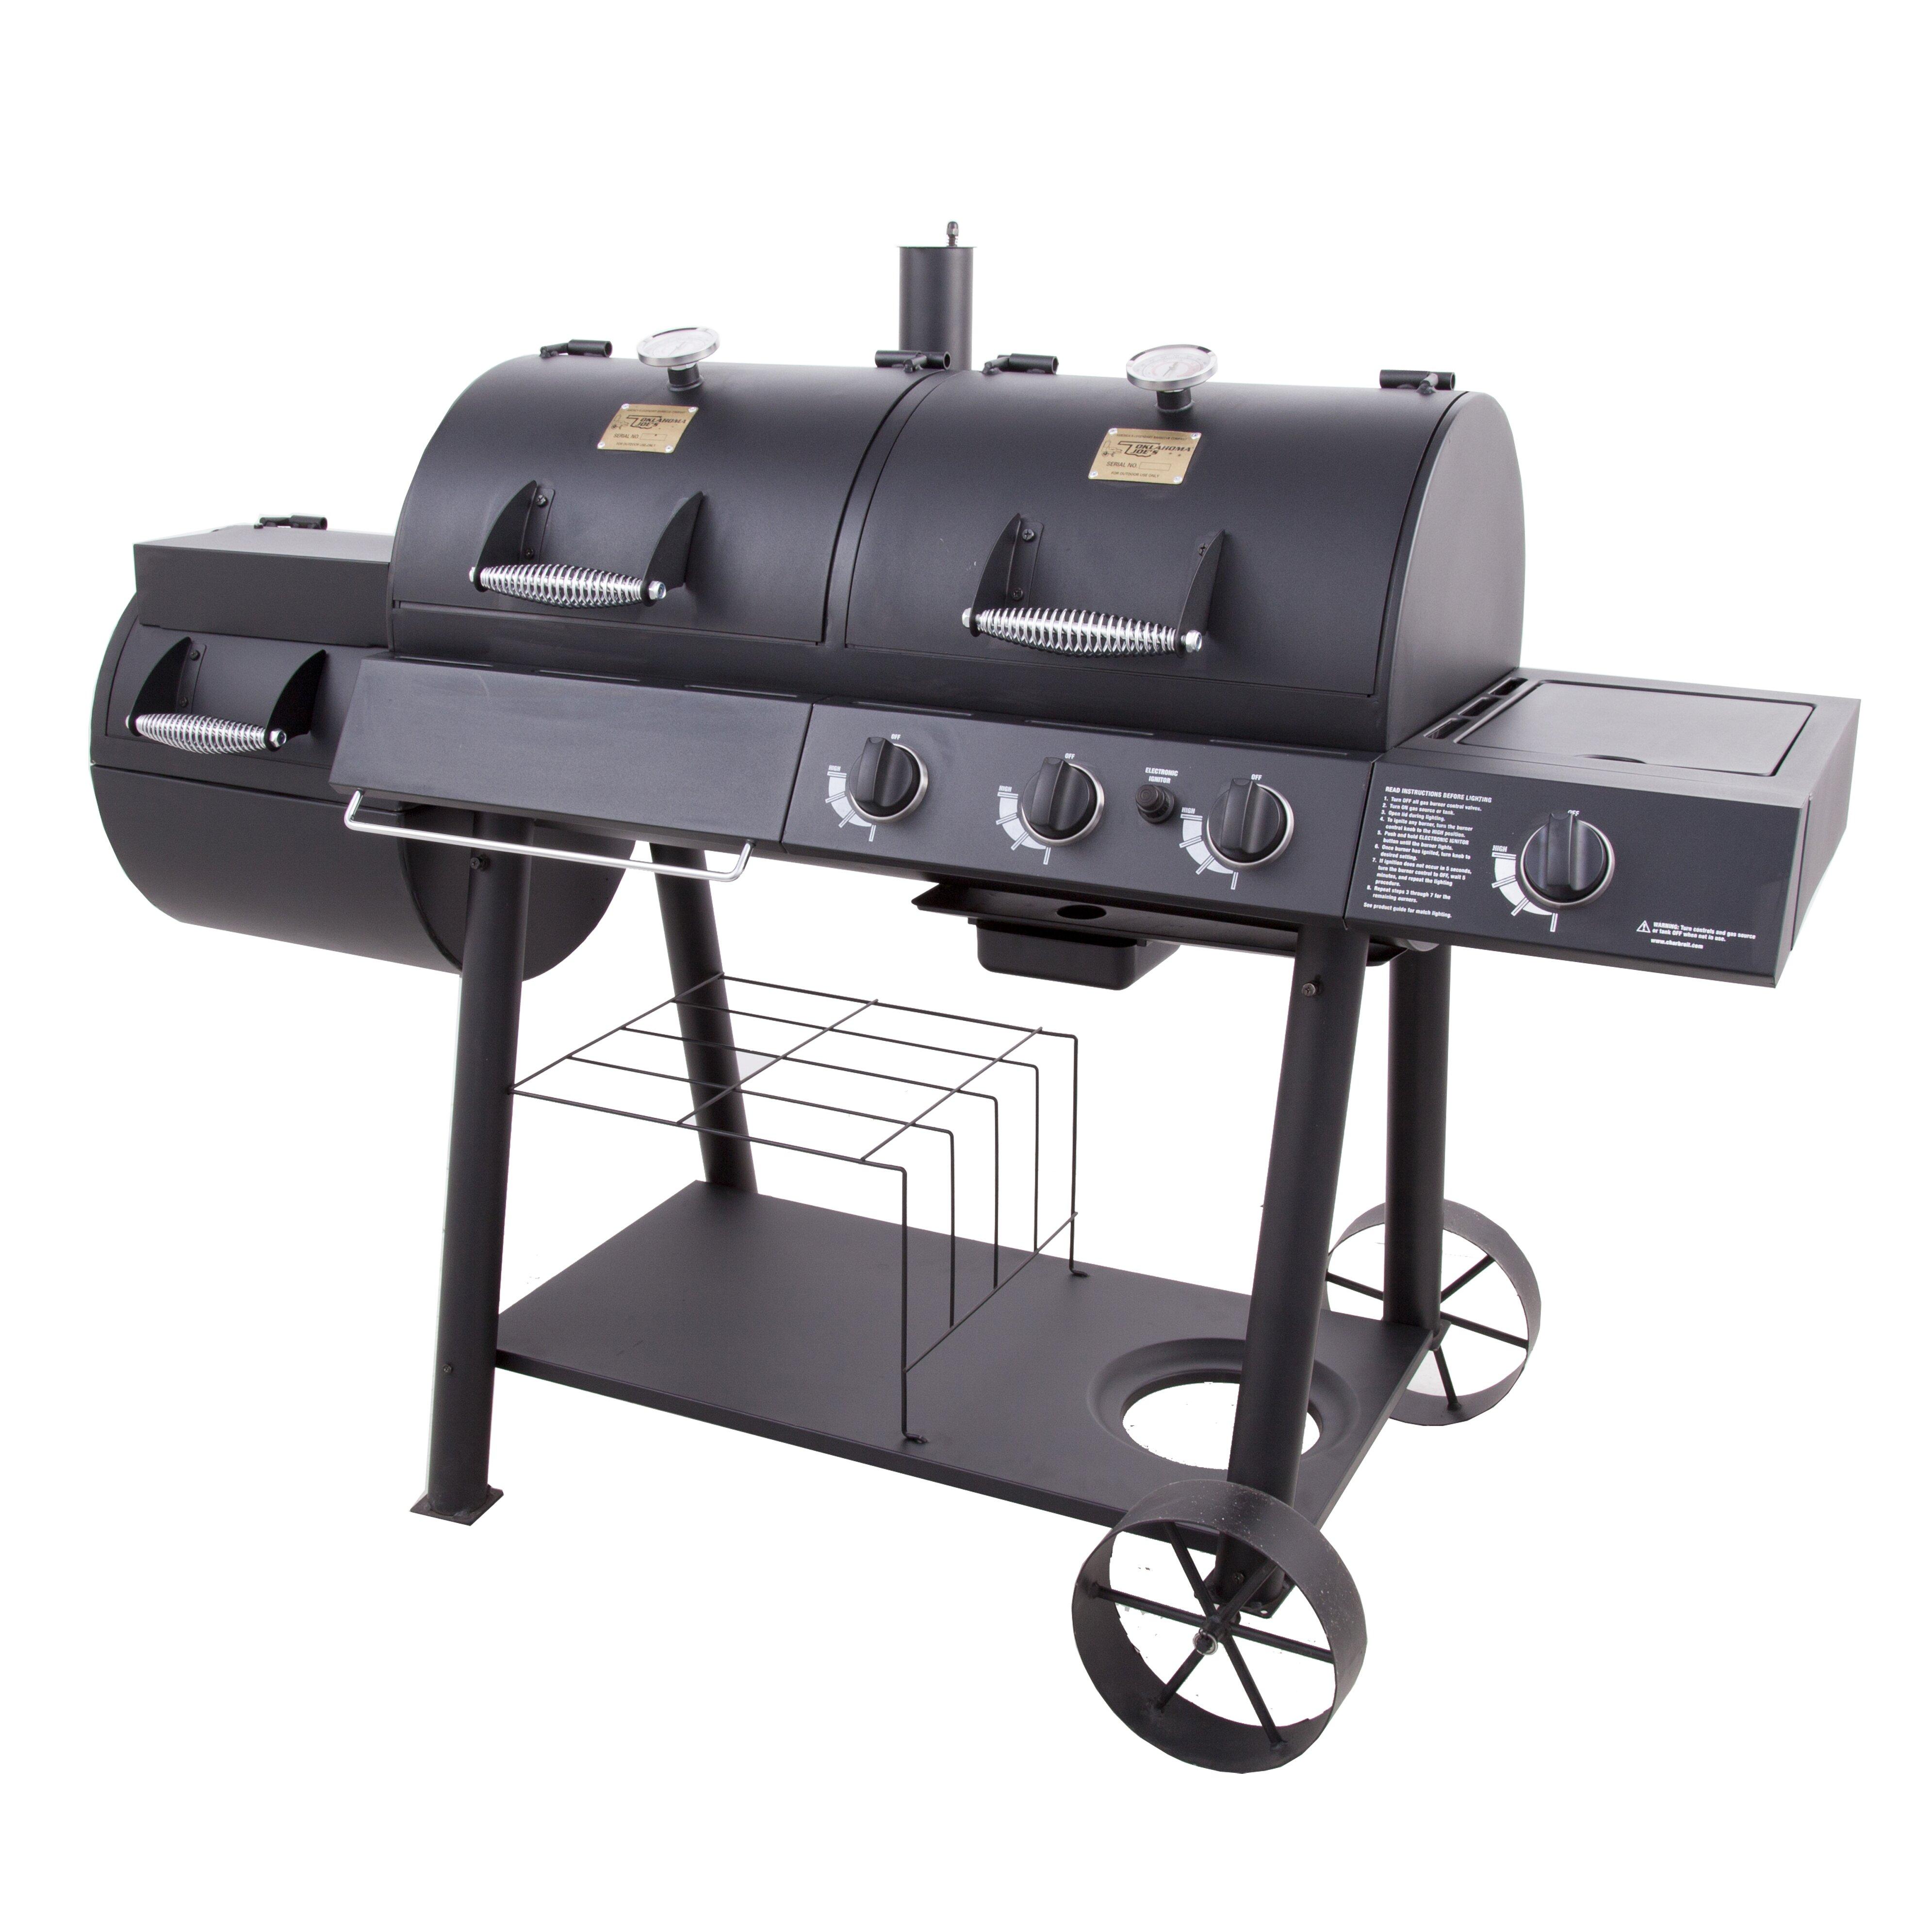 Backyard Bbq Okc: Oklahoma Joe's Charcoal Smoker And Grill